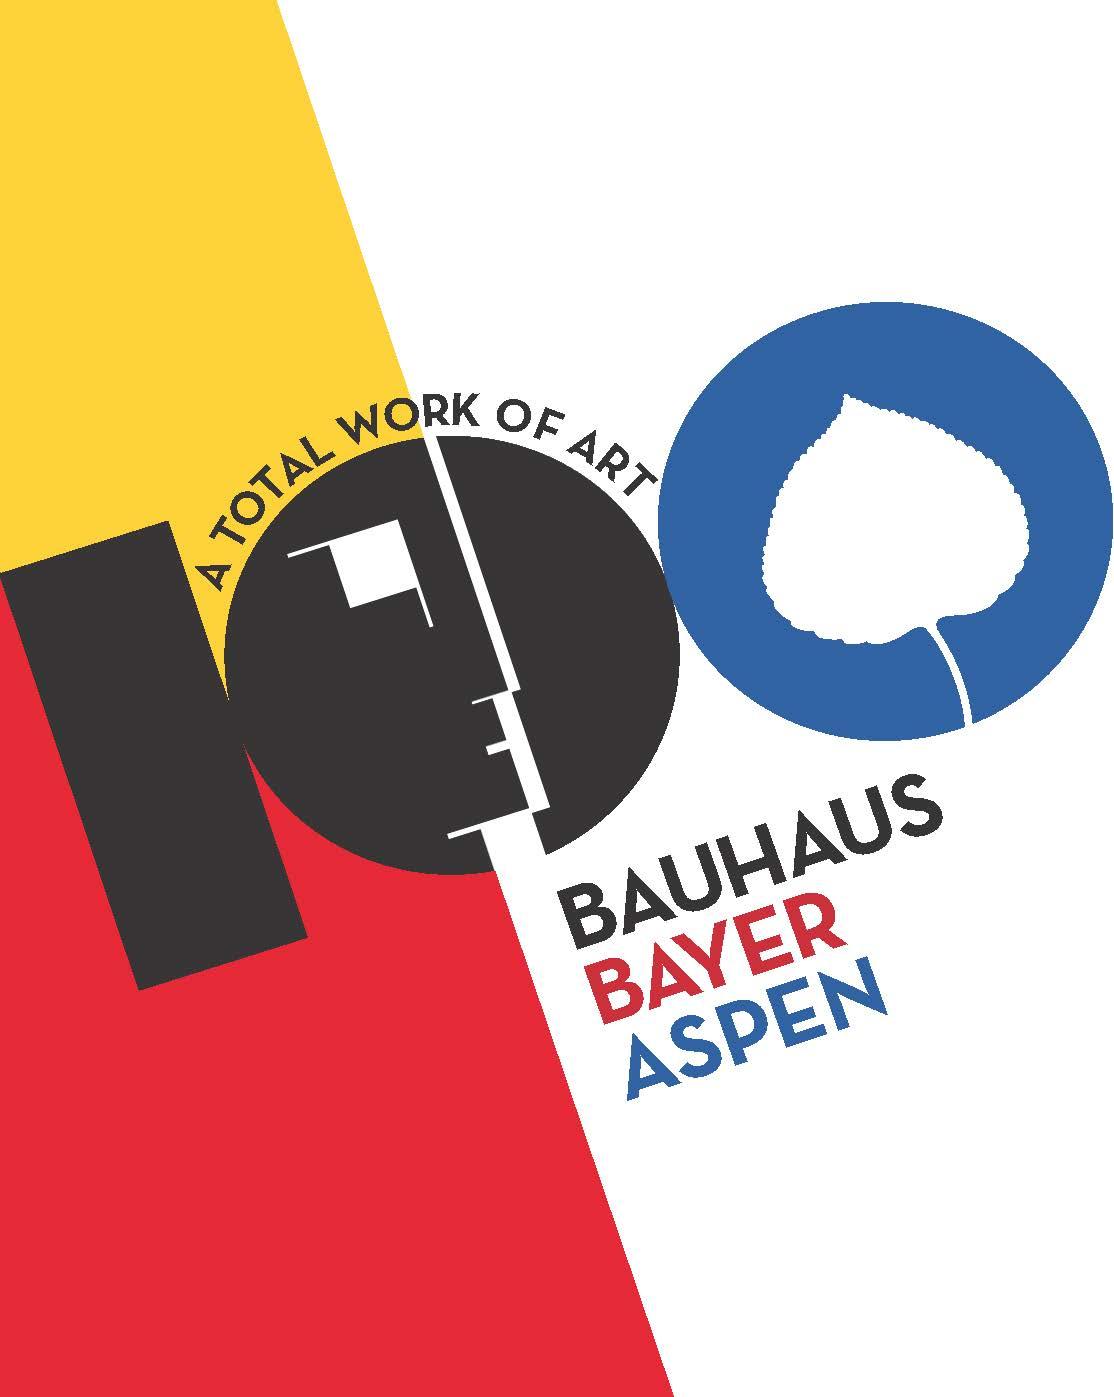 A Total Work of Art: Bauhaus-Bayer Aspen